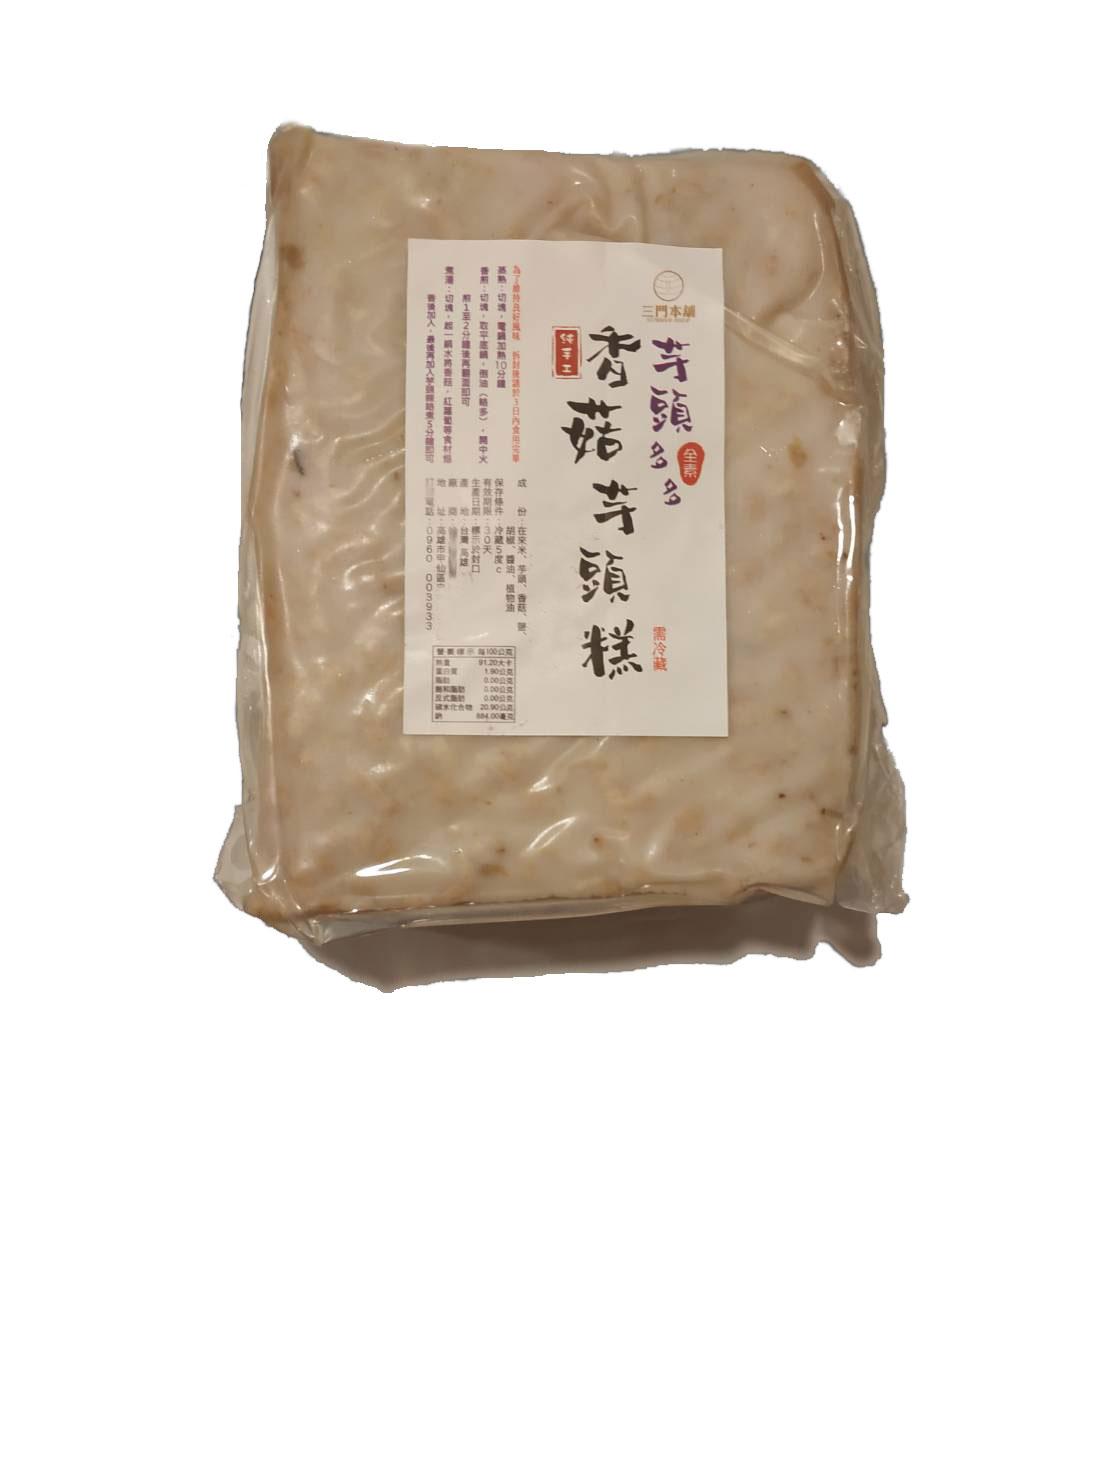 三門本舖 純手工 香菇芋頭粿1200g 高雄甲仙特產  全素 開幕優惠送半斤斤